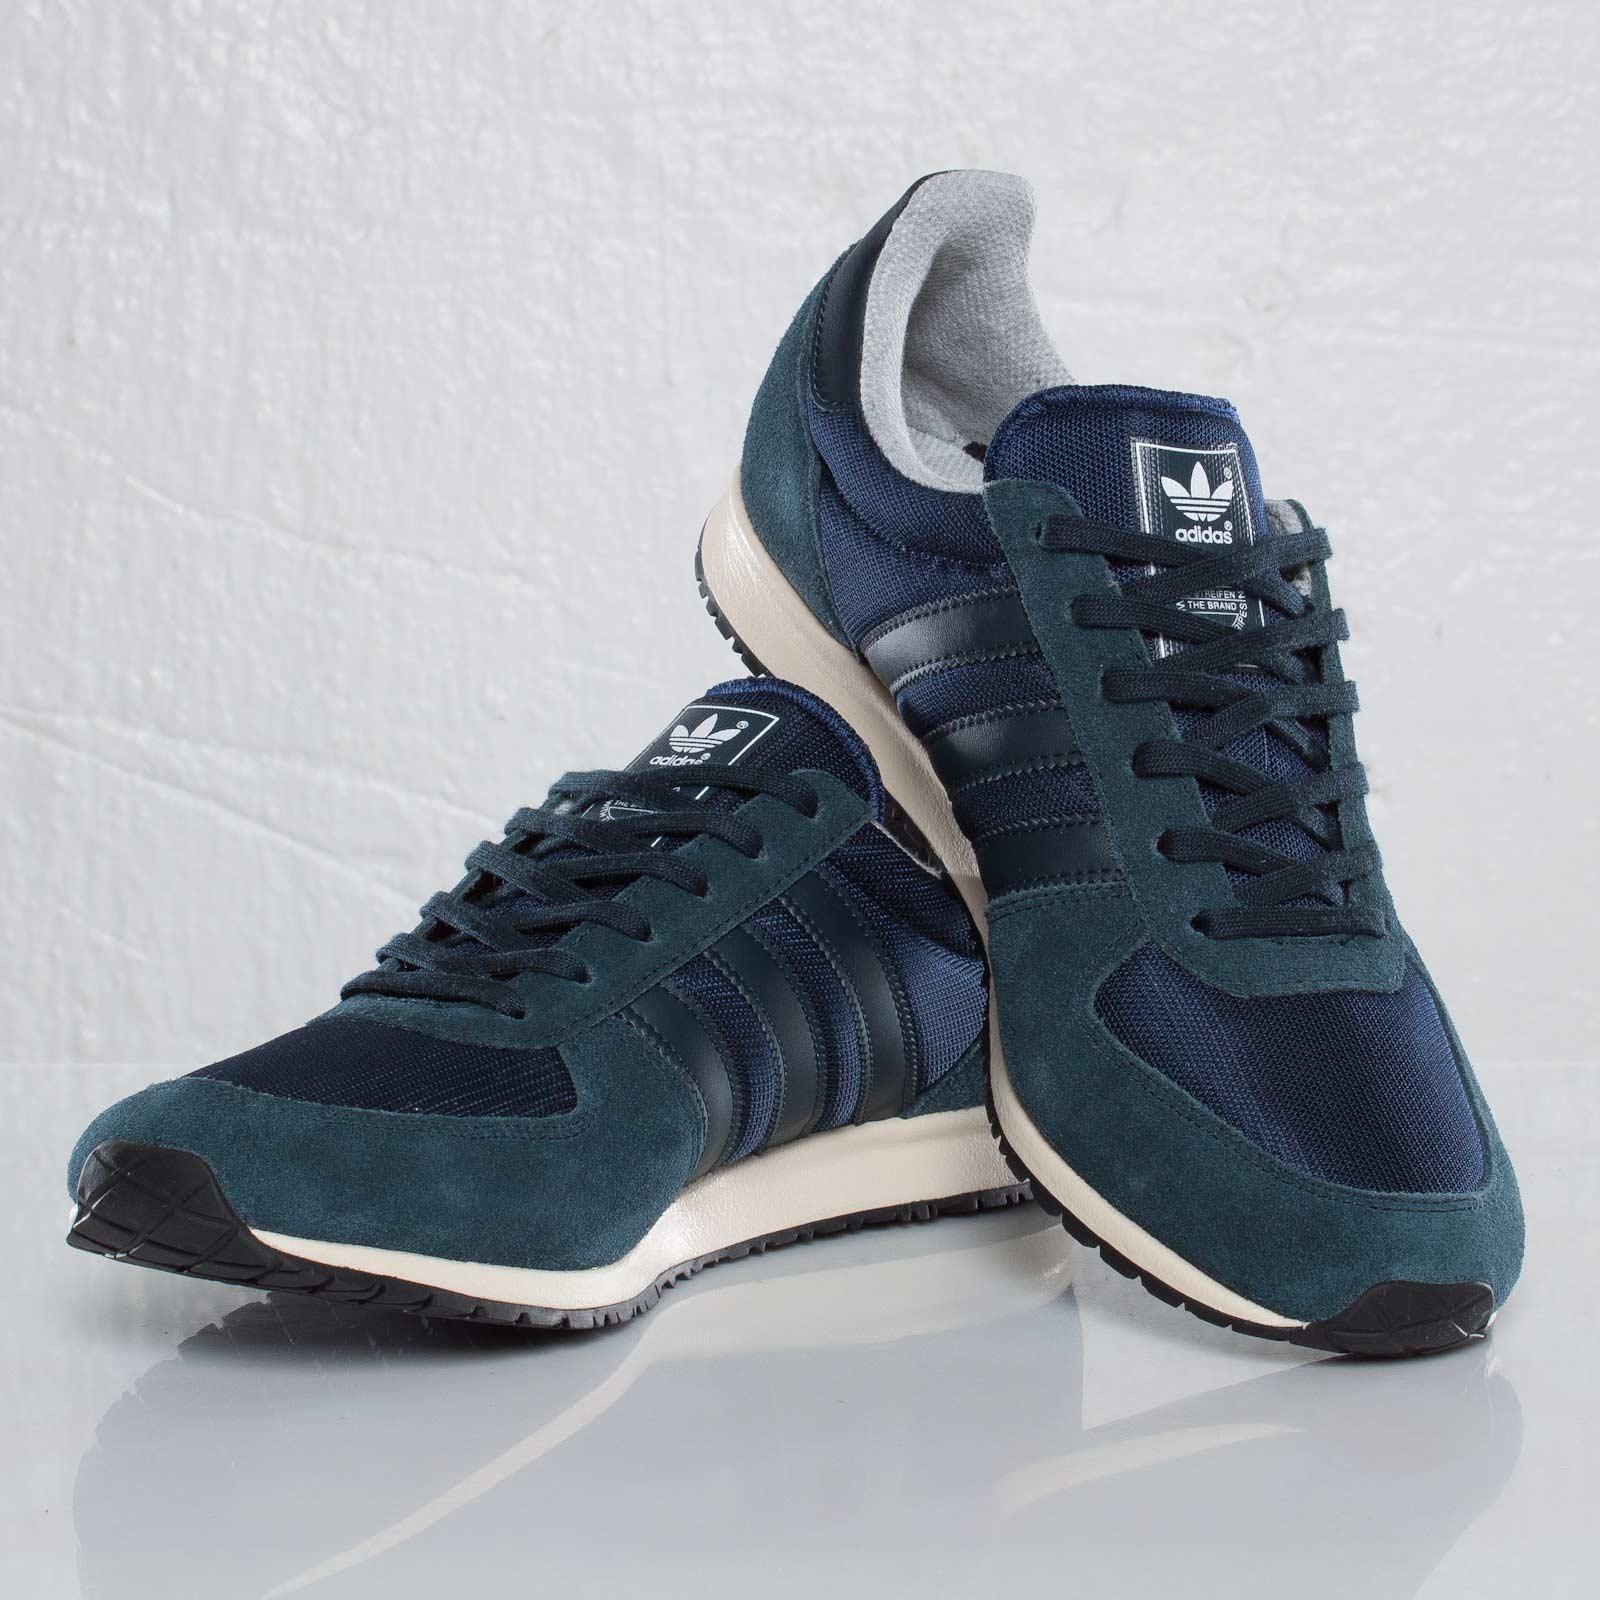 adidas Adistar Racer - G61442 - SNS | sneakers & streetwear online ...